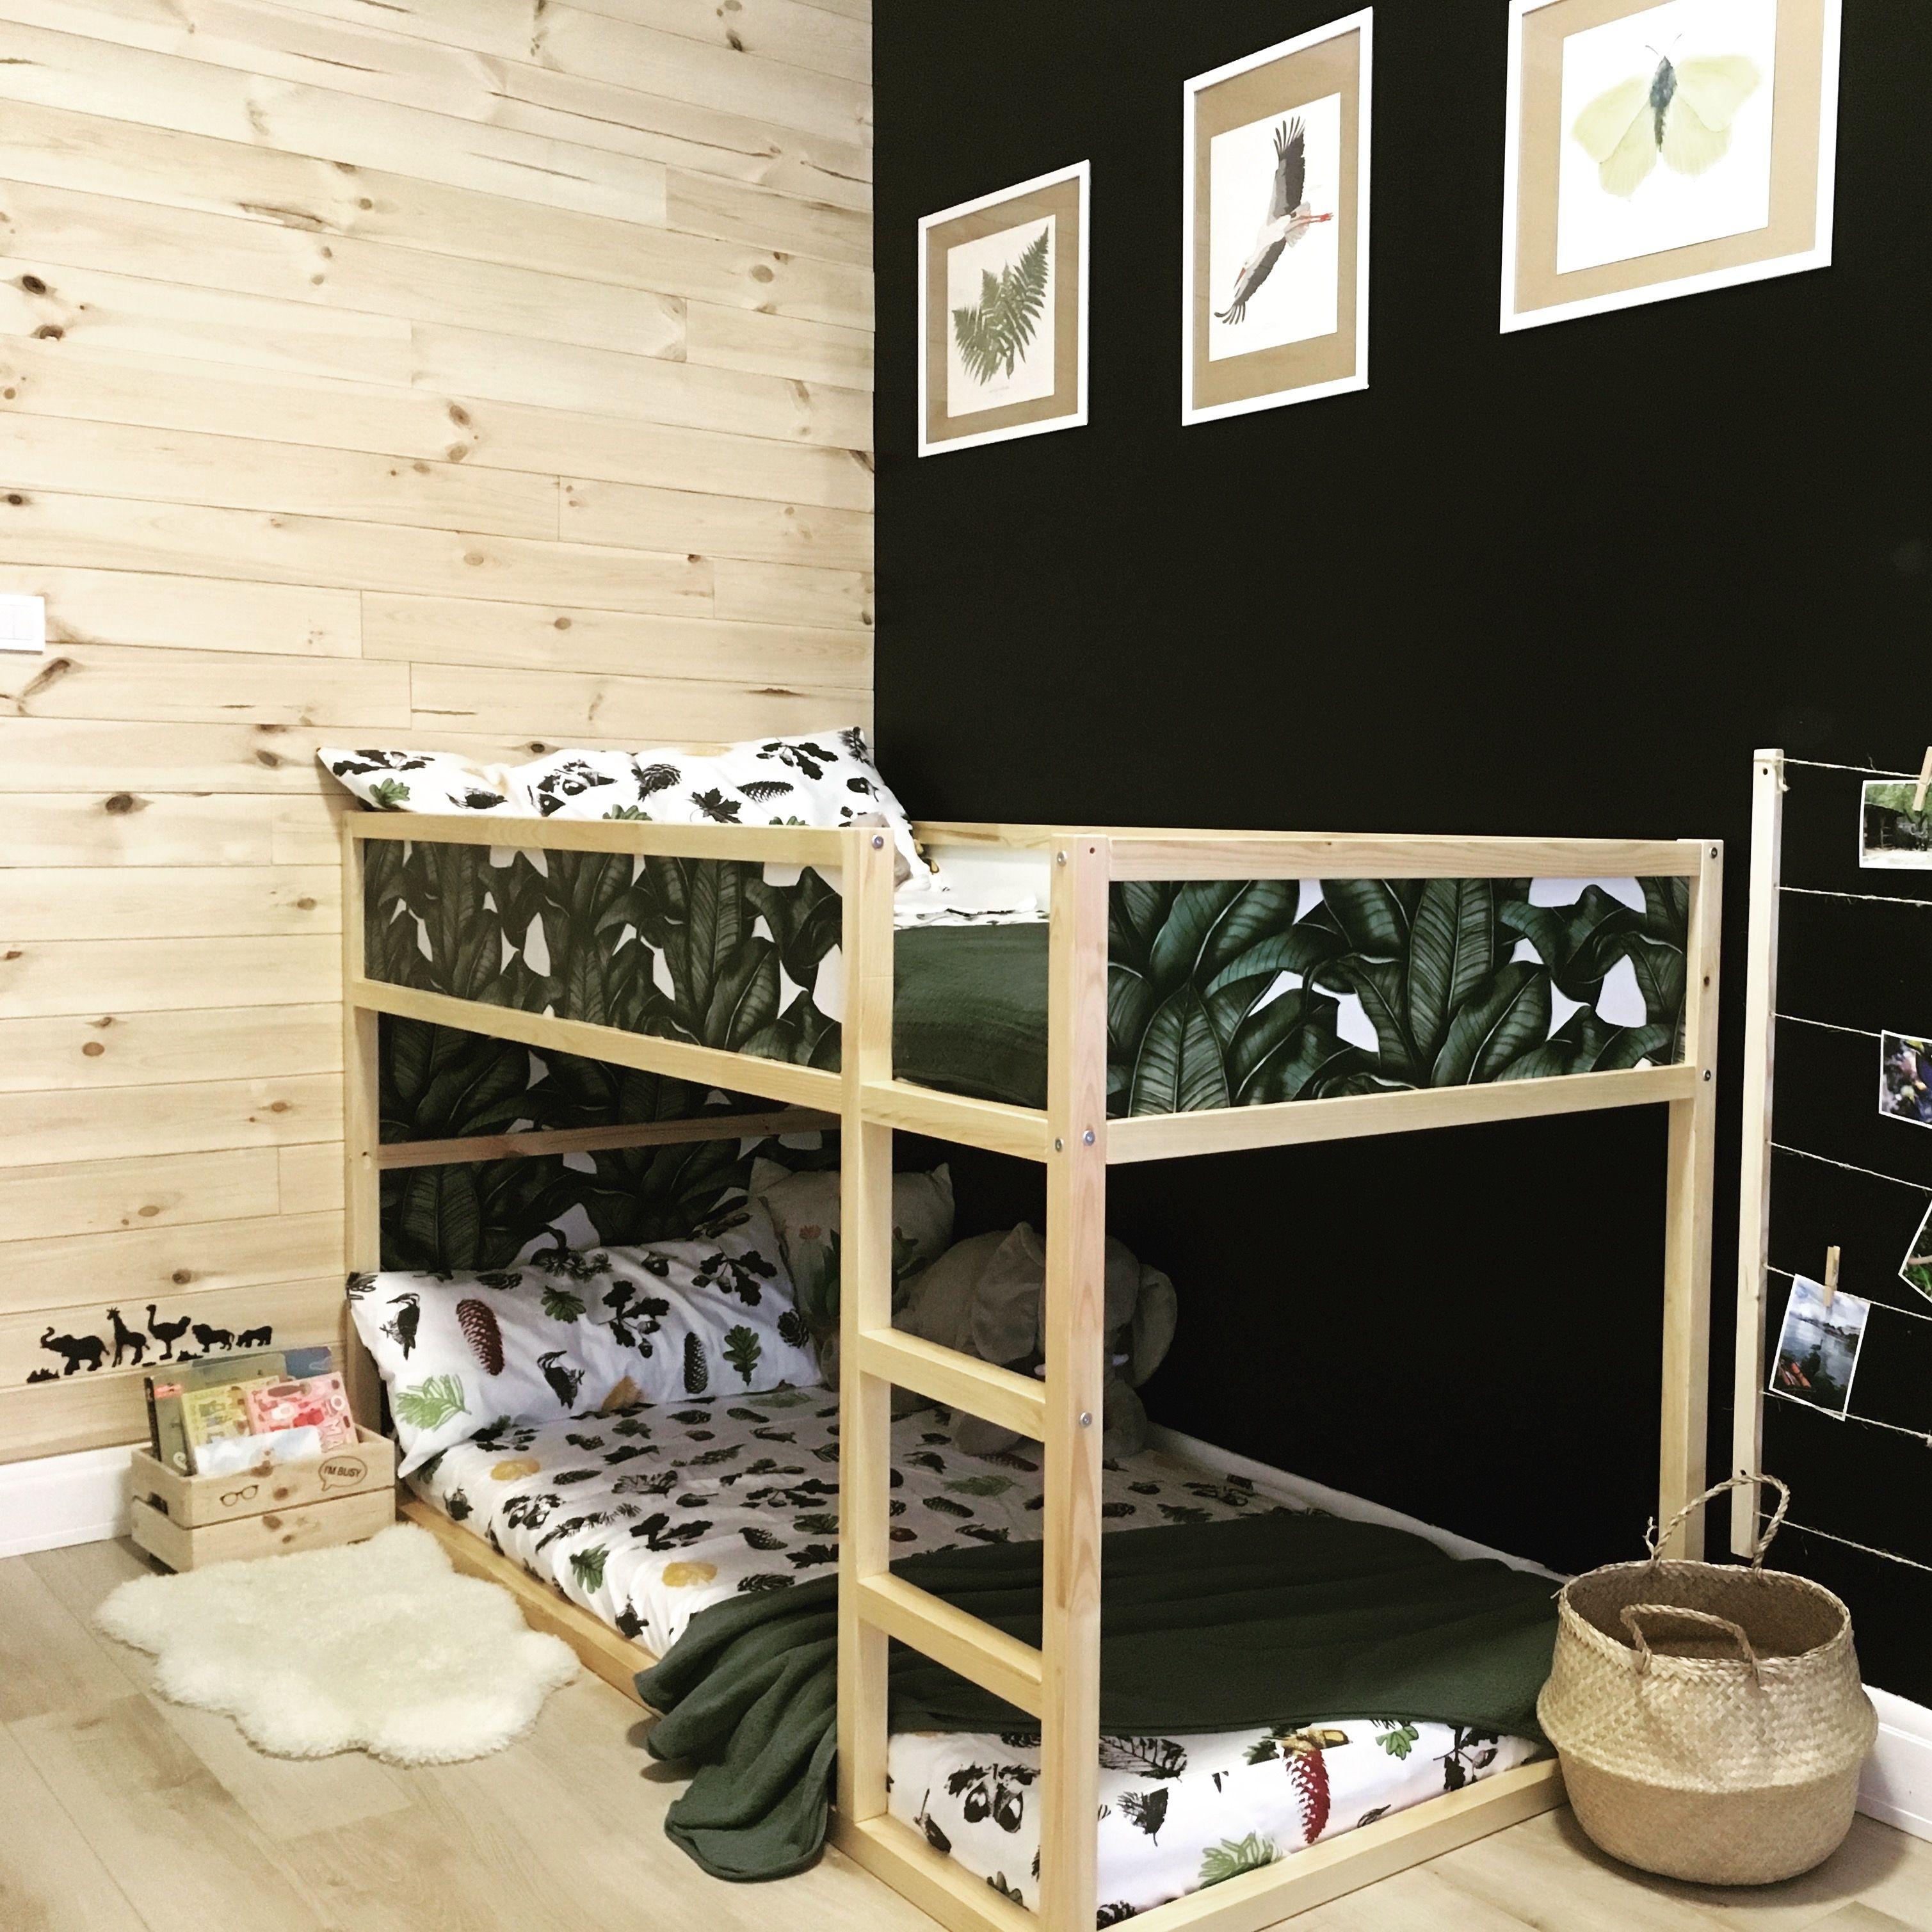 Ikea Kura łóżko Piętrowe Ryciny Farba Kredowa ściana Z Desek